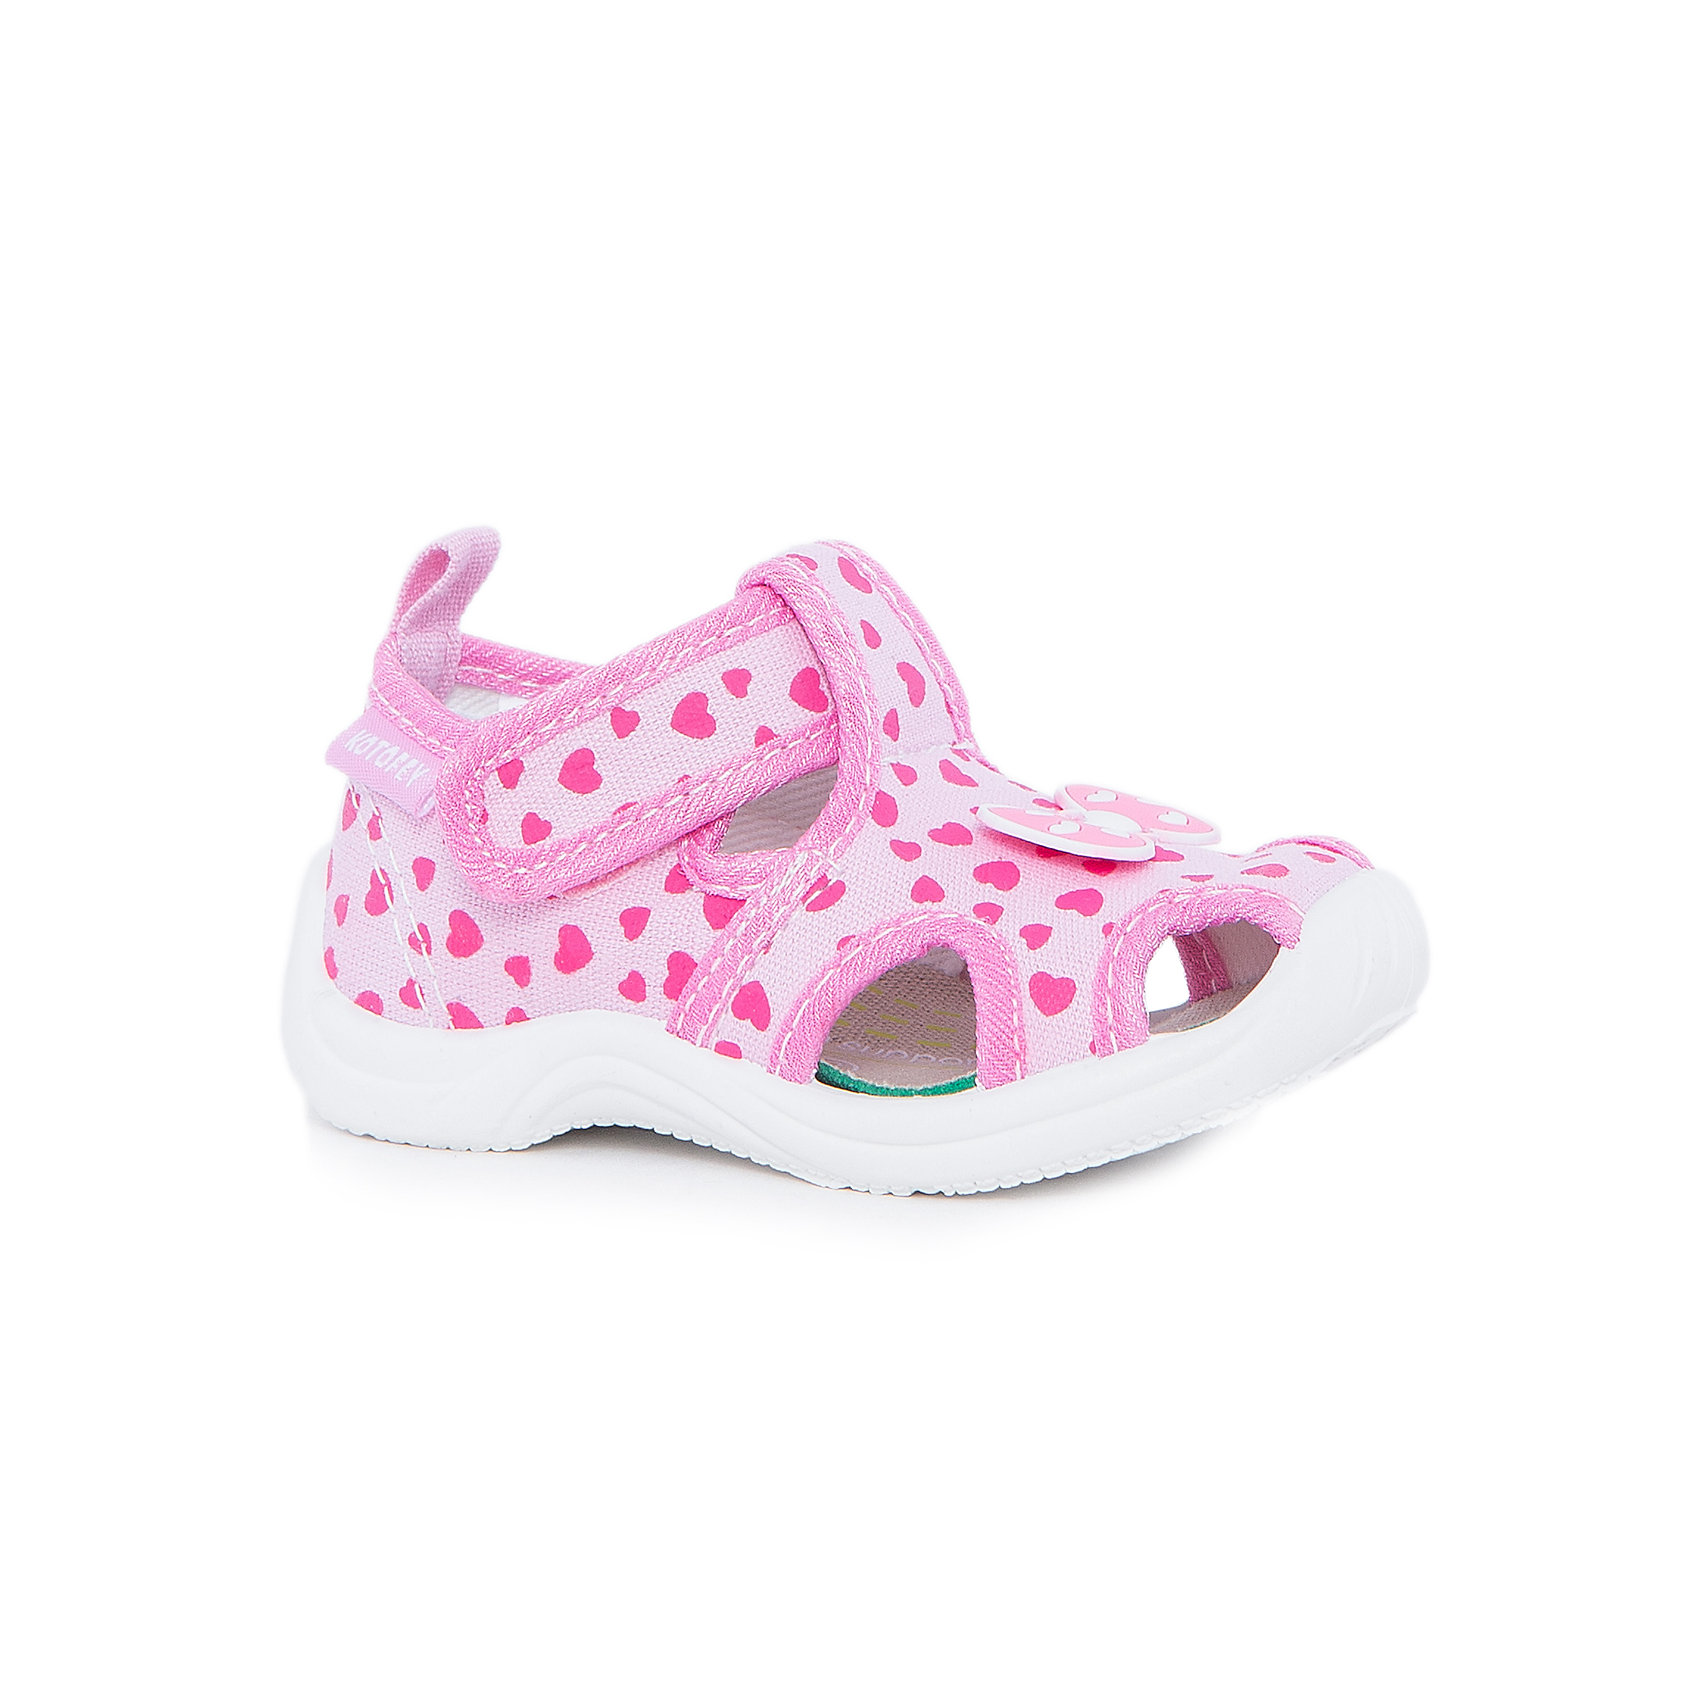 Туфли для девочки КотофейКотофей – качественная и стильная детская обувь по доступным ценам. С каждым днем популярность бренда растет.  Летние ботиночки полюбятся всем девочкам. Ботиночки выполнены с закрытым носком и прорезями по бокам, что делает из идеальной обувью для летних прогулок на свежем воздухе. Стильный принт и интересные детали делают образ ботиночек завершенным.  Качественные материалы позволят носить обувь все лето, не переживая за внешний вид.<br><br>Дополнительная информация:<br><br>цвет: розовый;<br>крепление: литьевое;<br>застежка: липучка;<br>температурный режим: от +15°С до +25° С<br><br>Состав:<br>верх – текстильный материал;<br>подкладка – текстильный материал;<br>материал подошвы – ПВХ.<br><br>Летние ботиночки для девочек ясельного возраста из текстиля от фирмы Котофей можно приобрести у нас в магазине.<br><br>Ширина мм: 227<br>Глубина мм: 145<br>Высота мм: 124<br>Вес г: 325<br>Цвет: розовый<br>Возраст от месяцев: 15<br>Возраст до месяцев: 18<br>Пол: Женский<br>Возраст: Детский<br>Размер: 22,23,21,24,20,25<br>SKU: 4982389